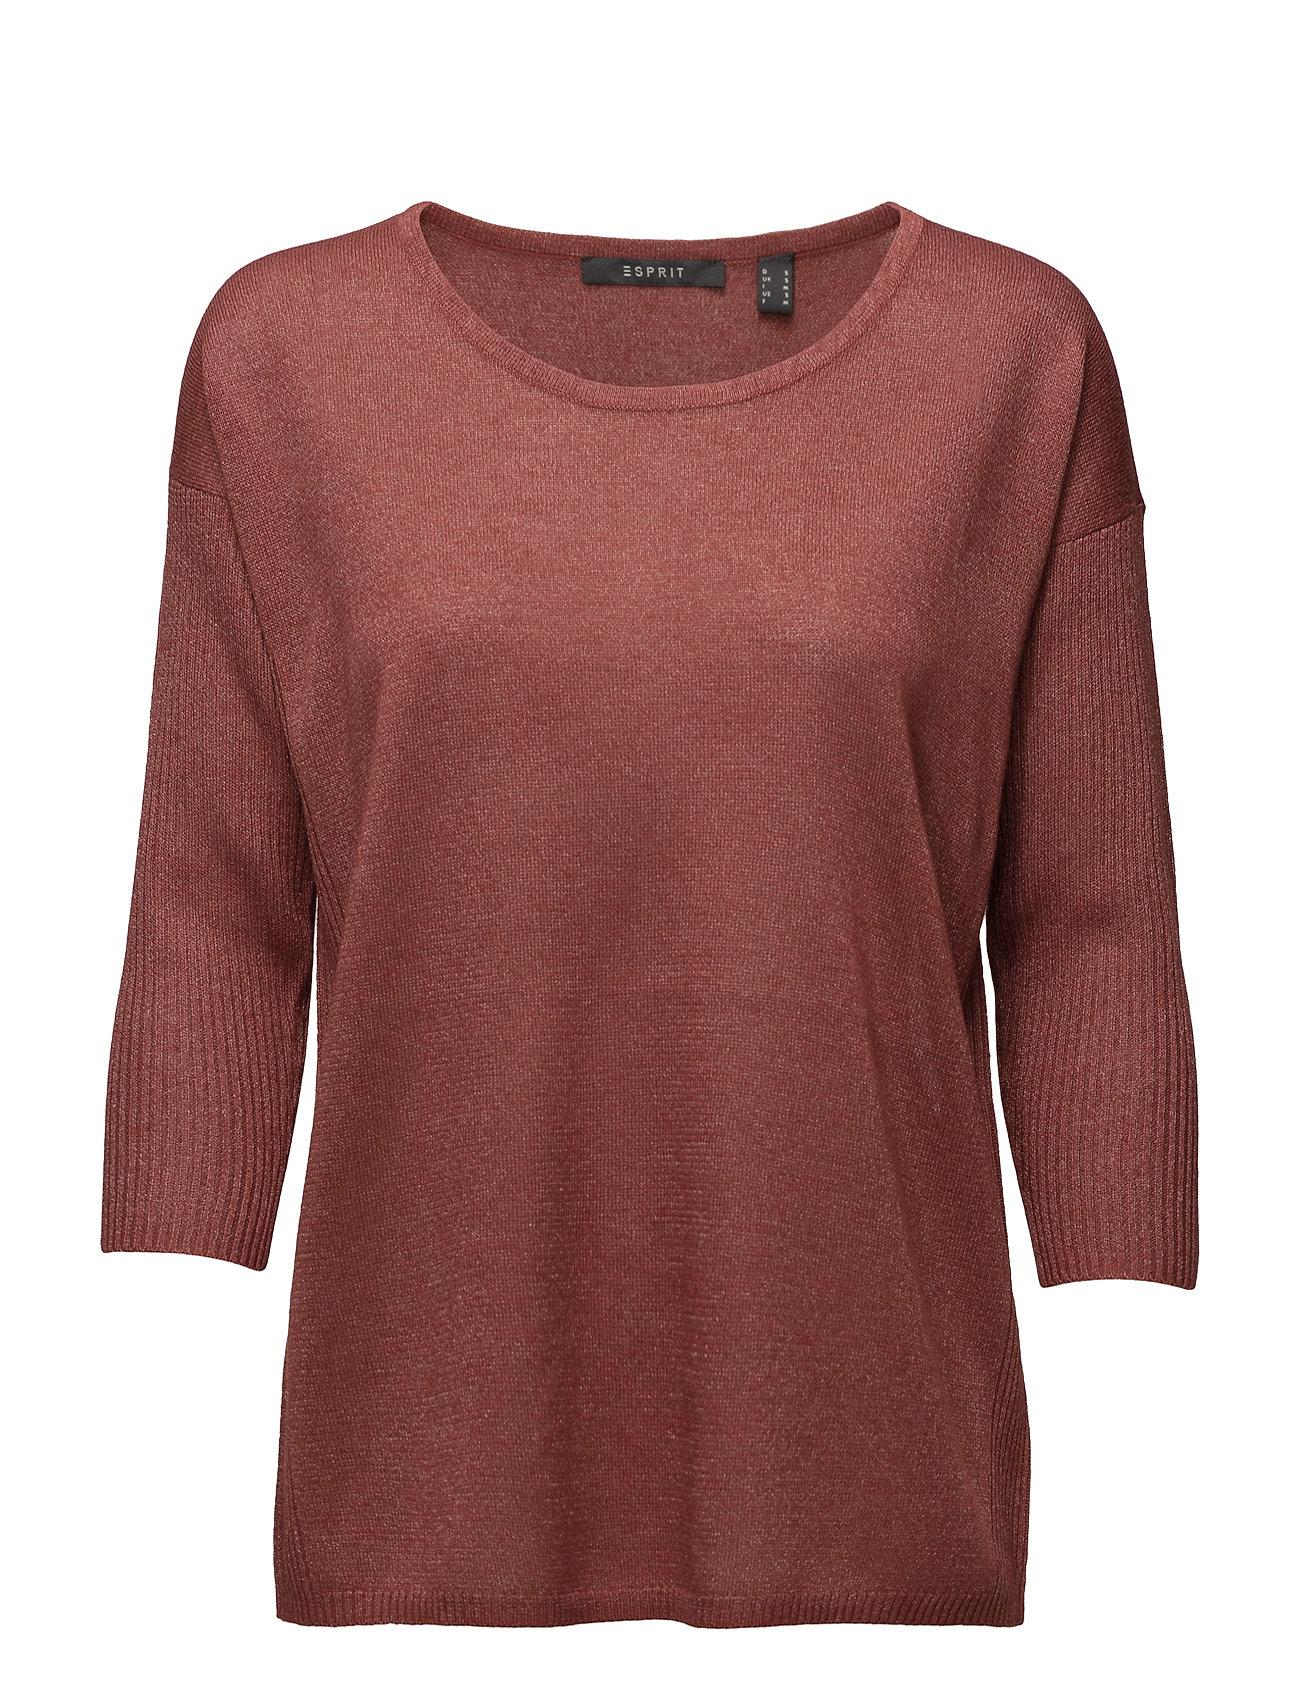 Sweaters Esprit Collection Striktøj til Kvinder i